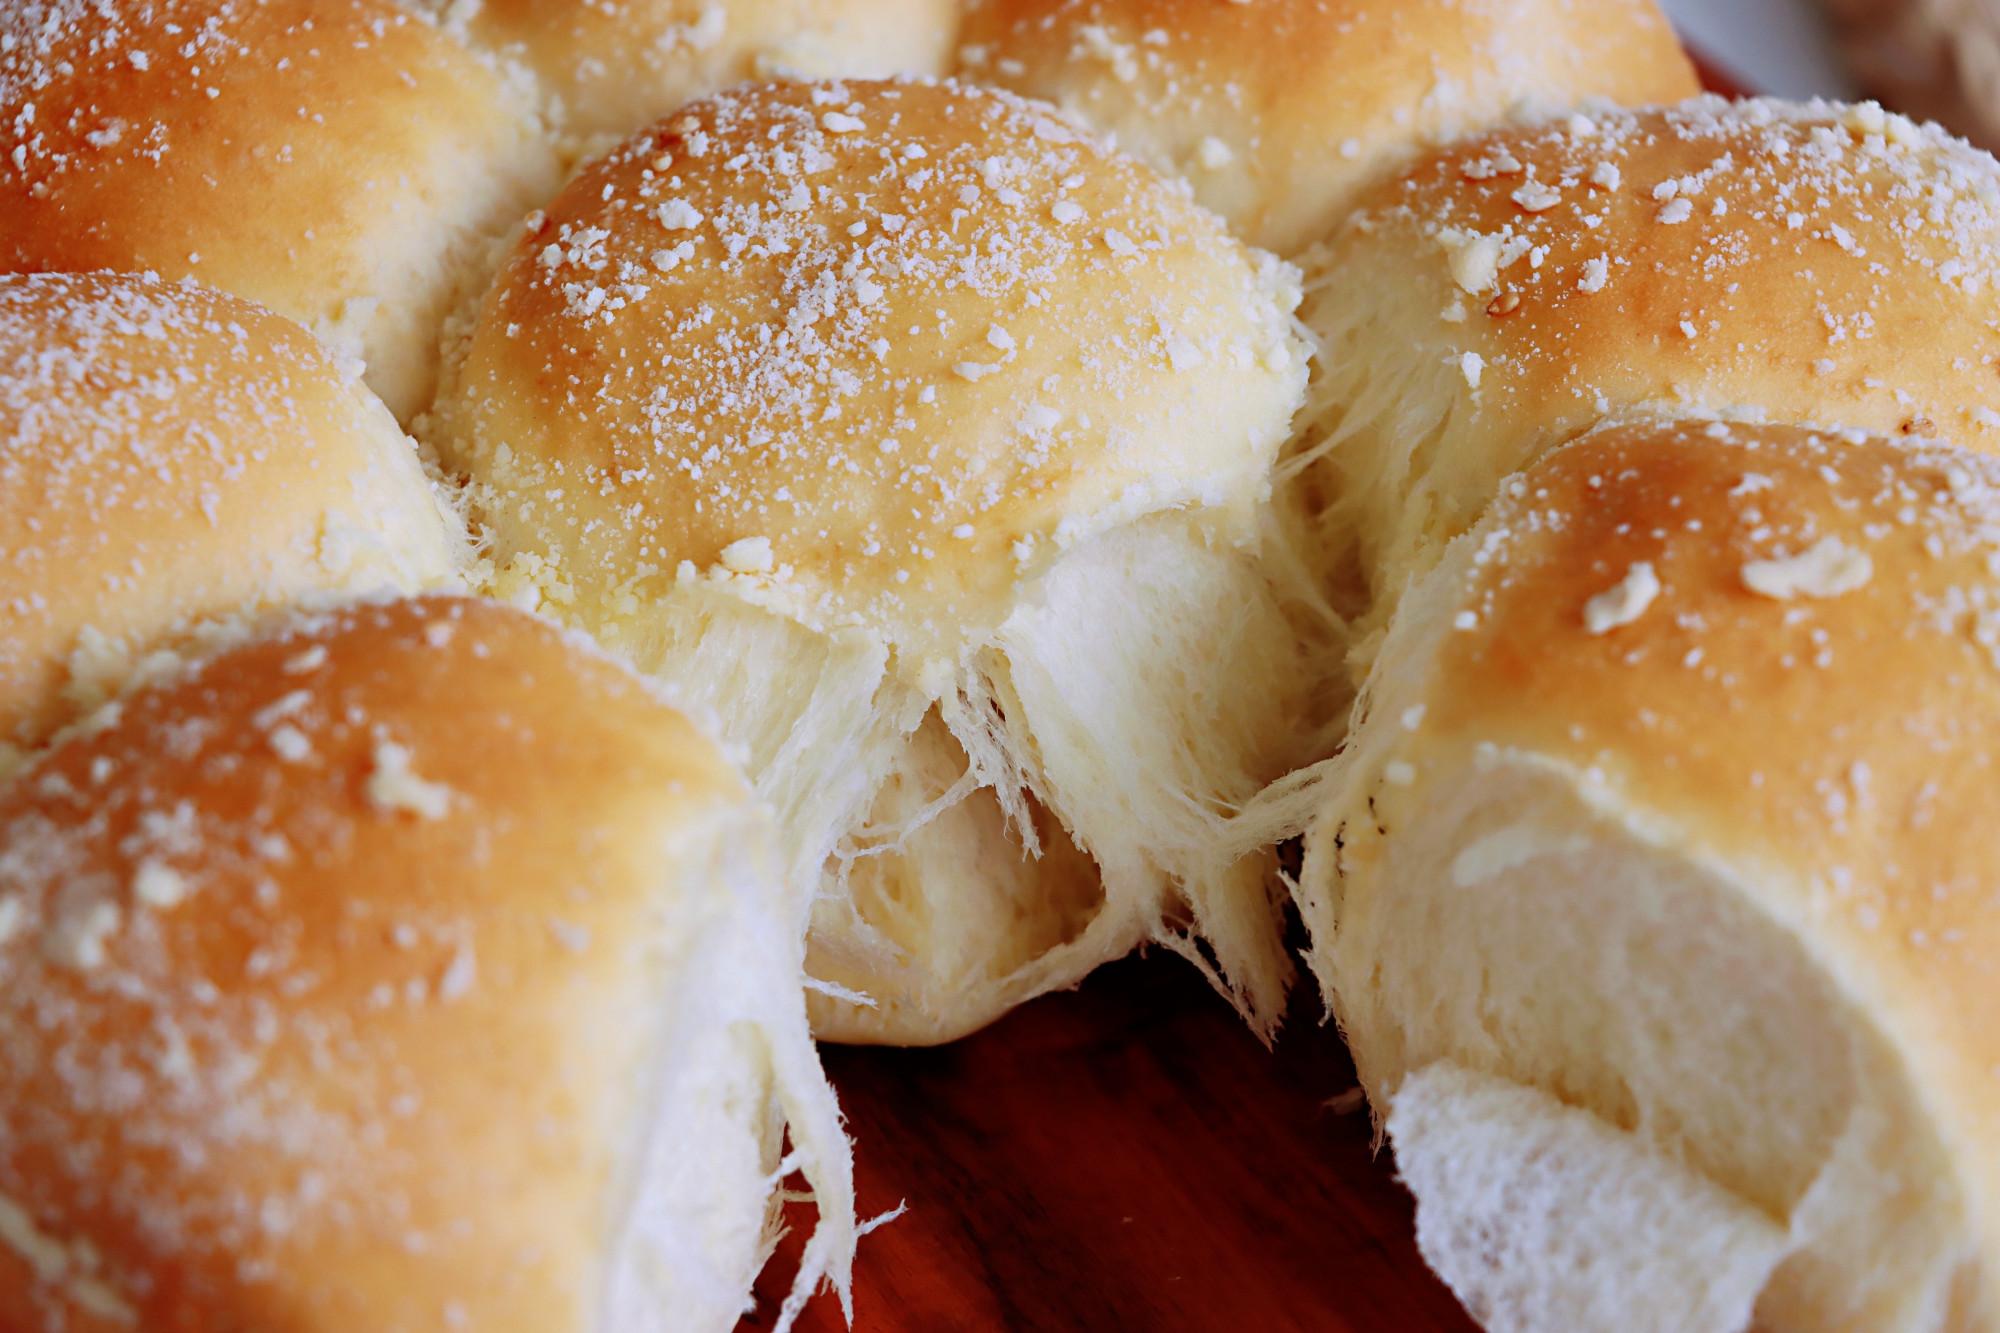 用了6年的麵包方子,暄軟又拉絲,放3天也不硬,孩子最愛,別錯過